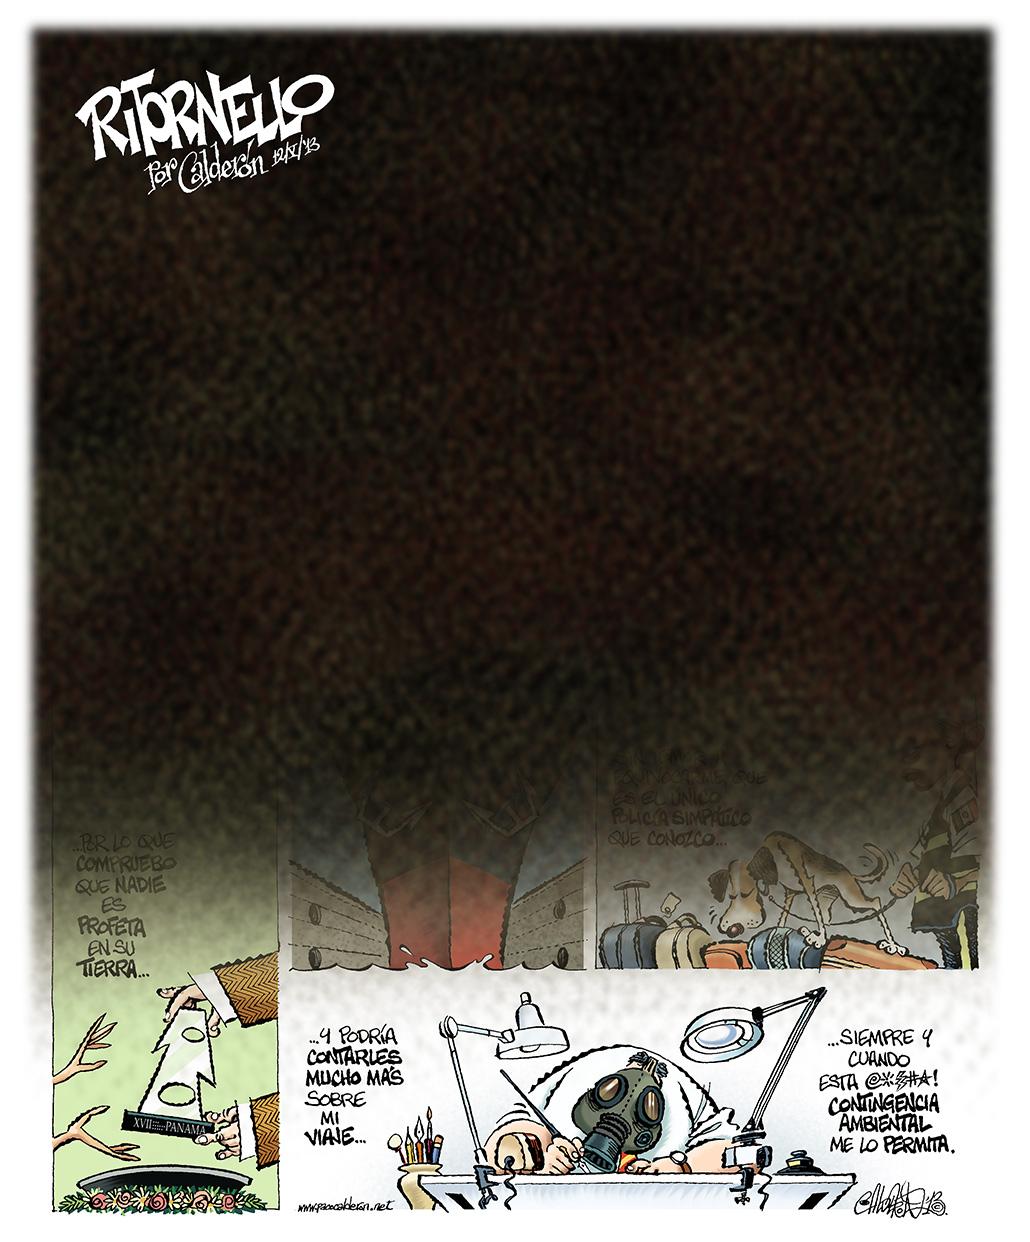 Ritornello - Calderón